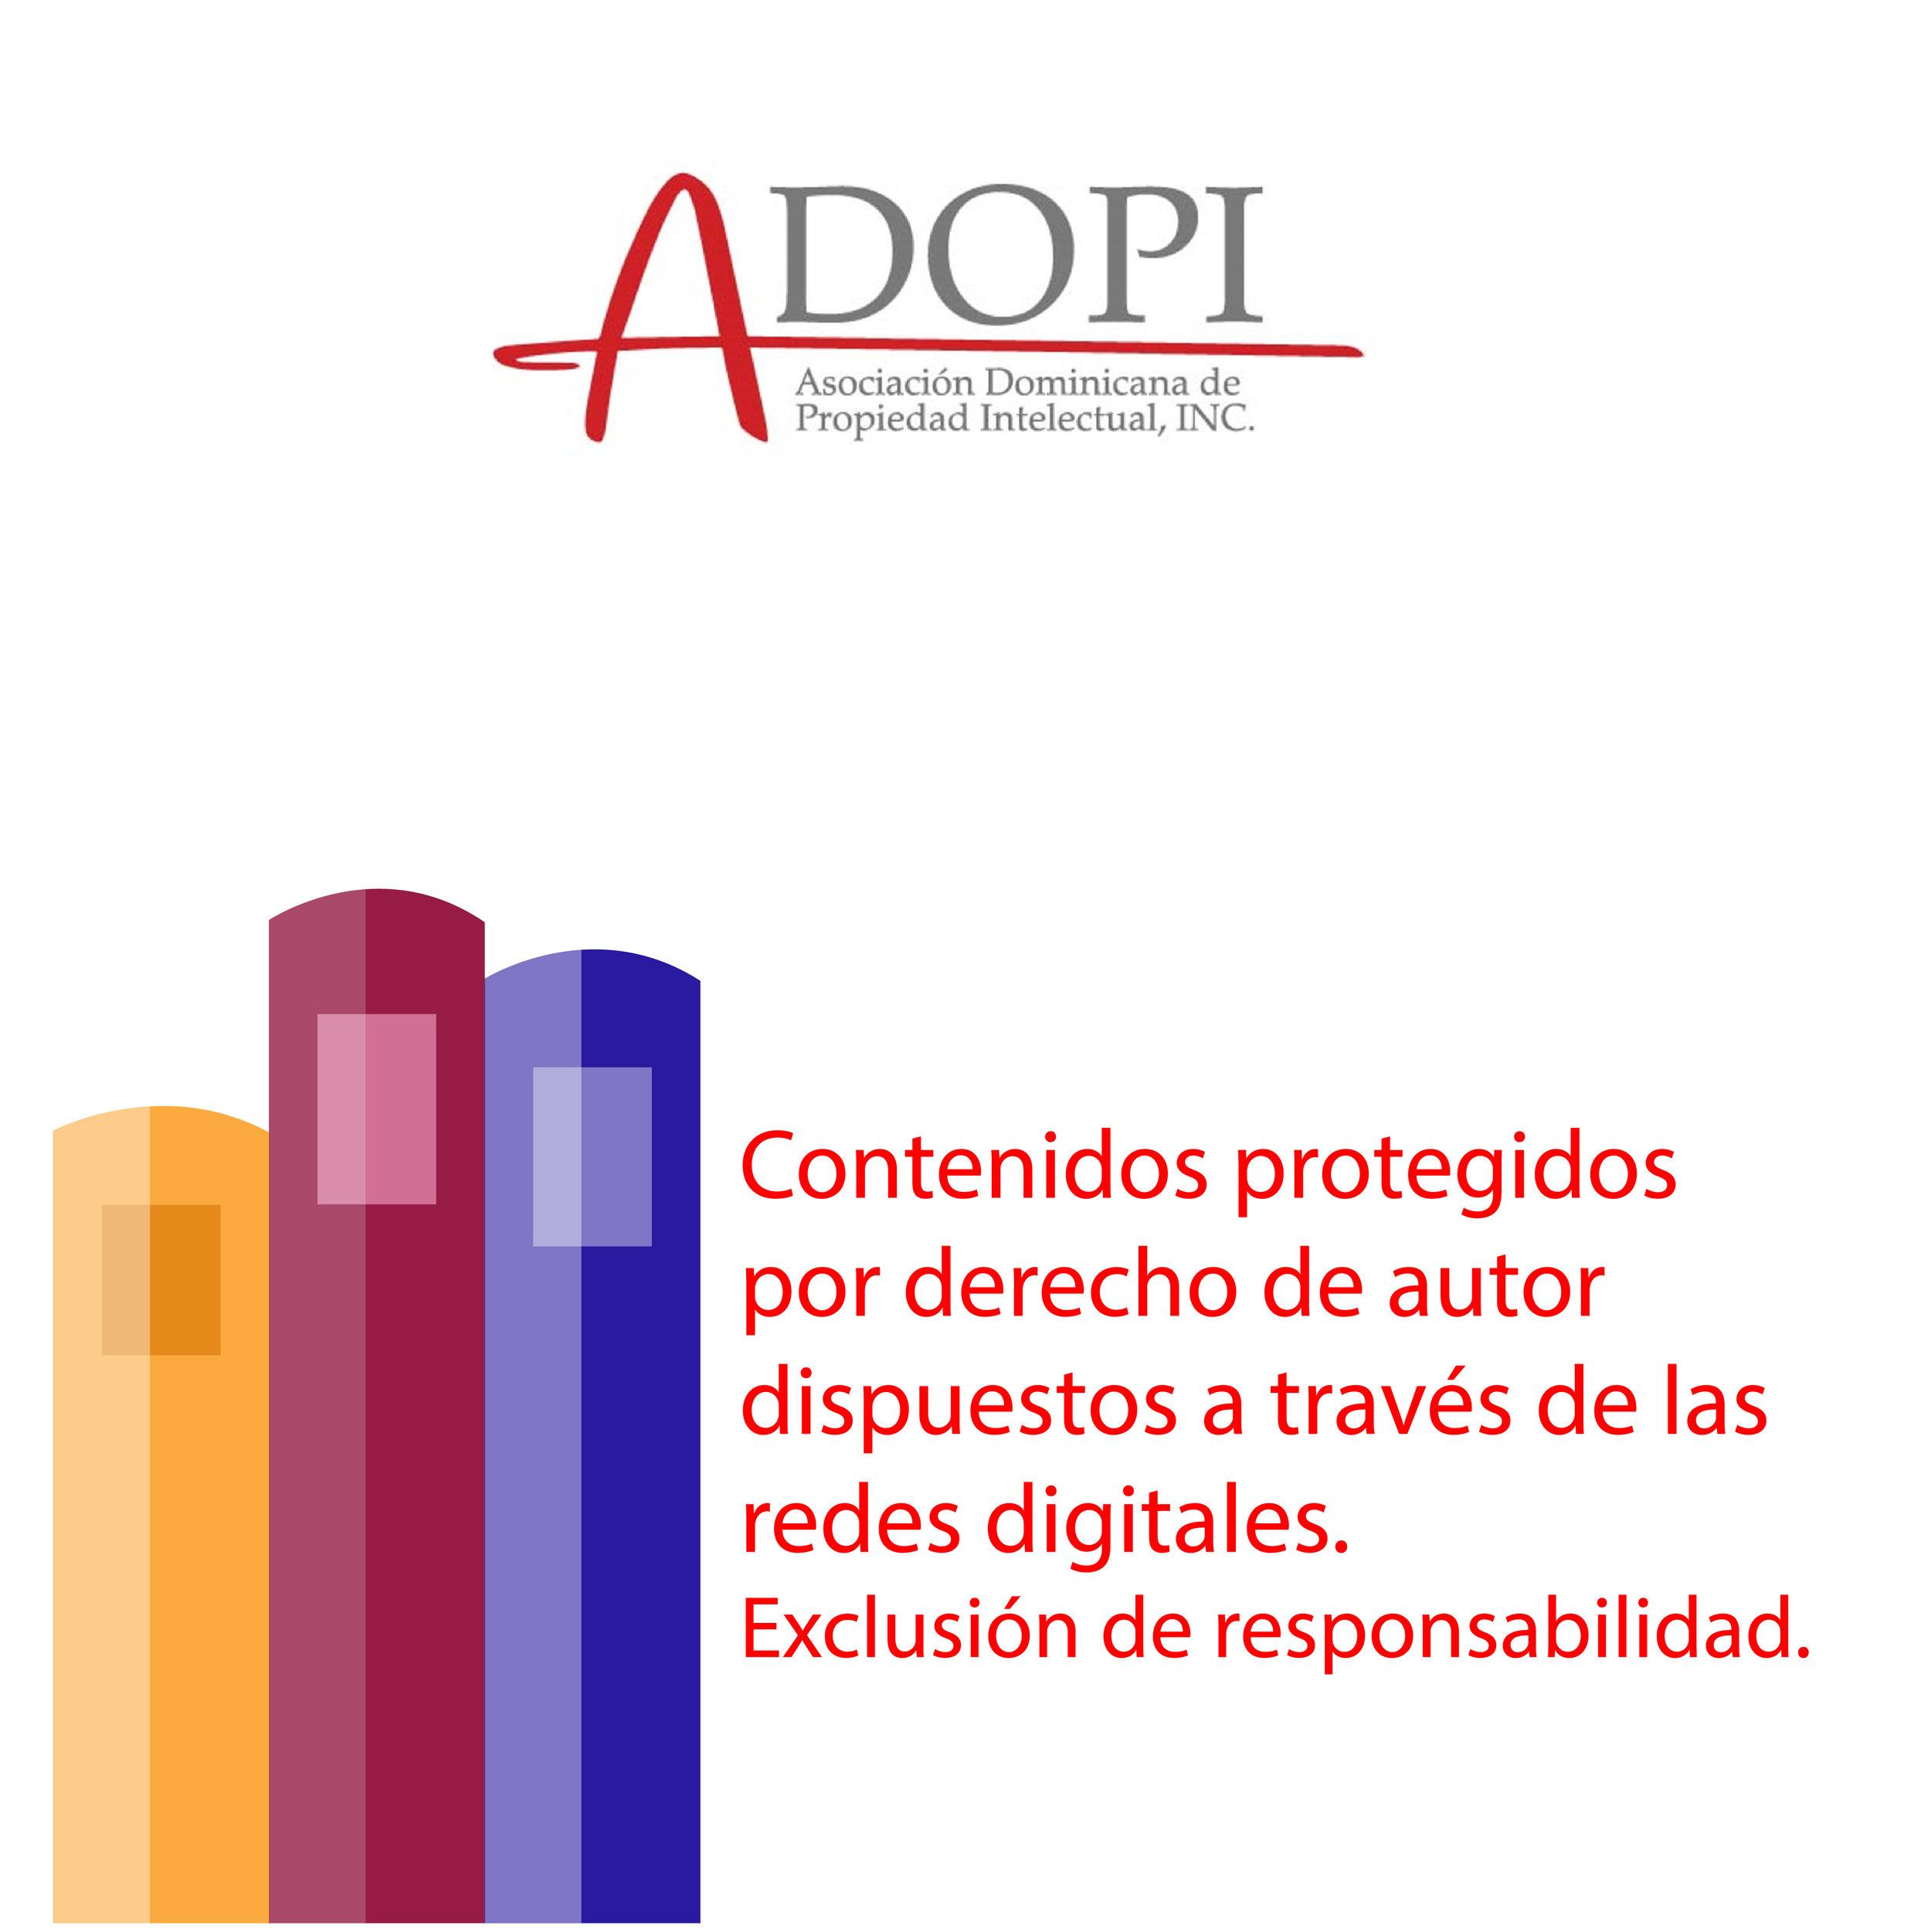 Highlights ADOPI-09.jpg